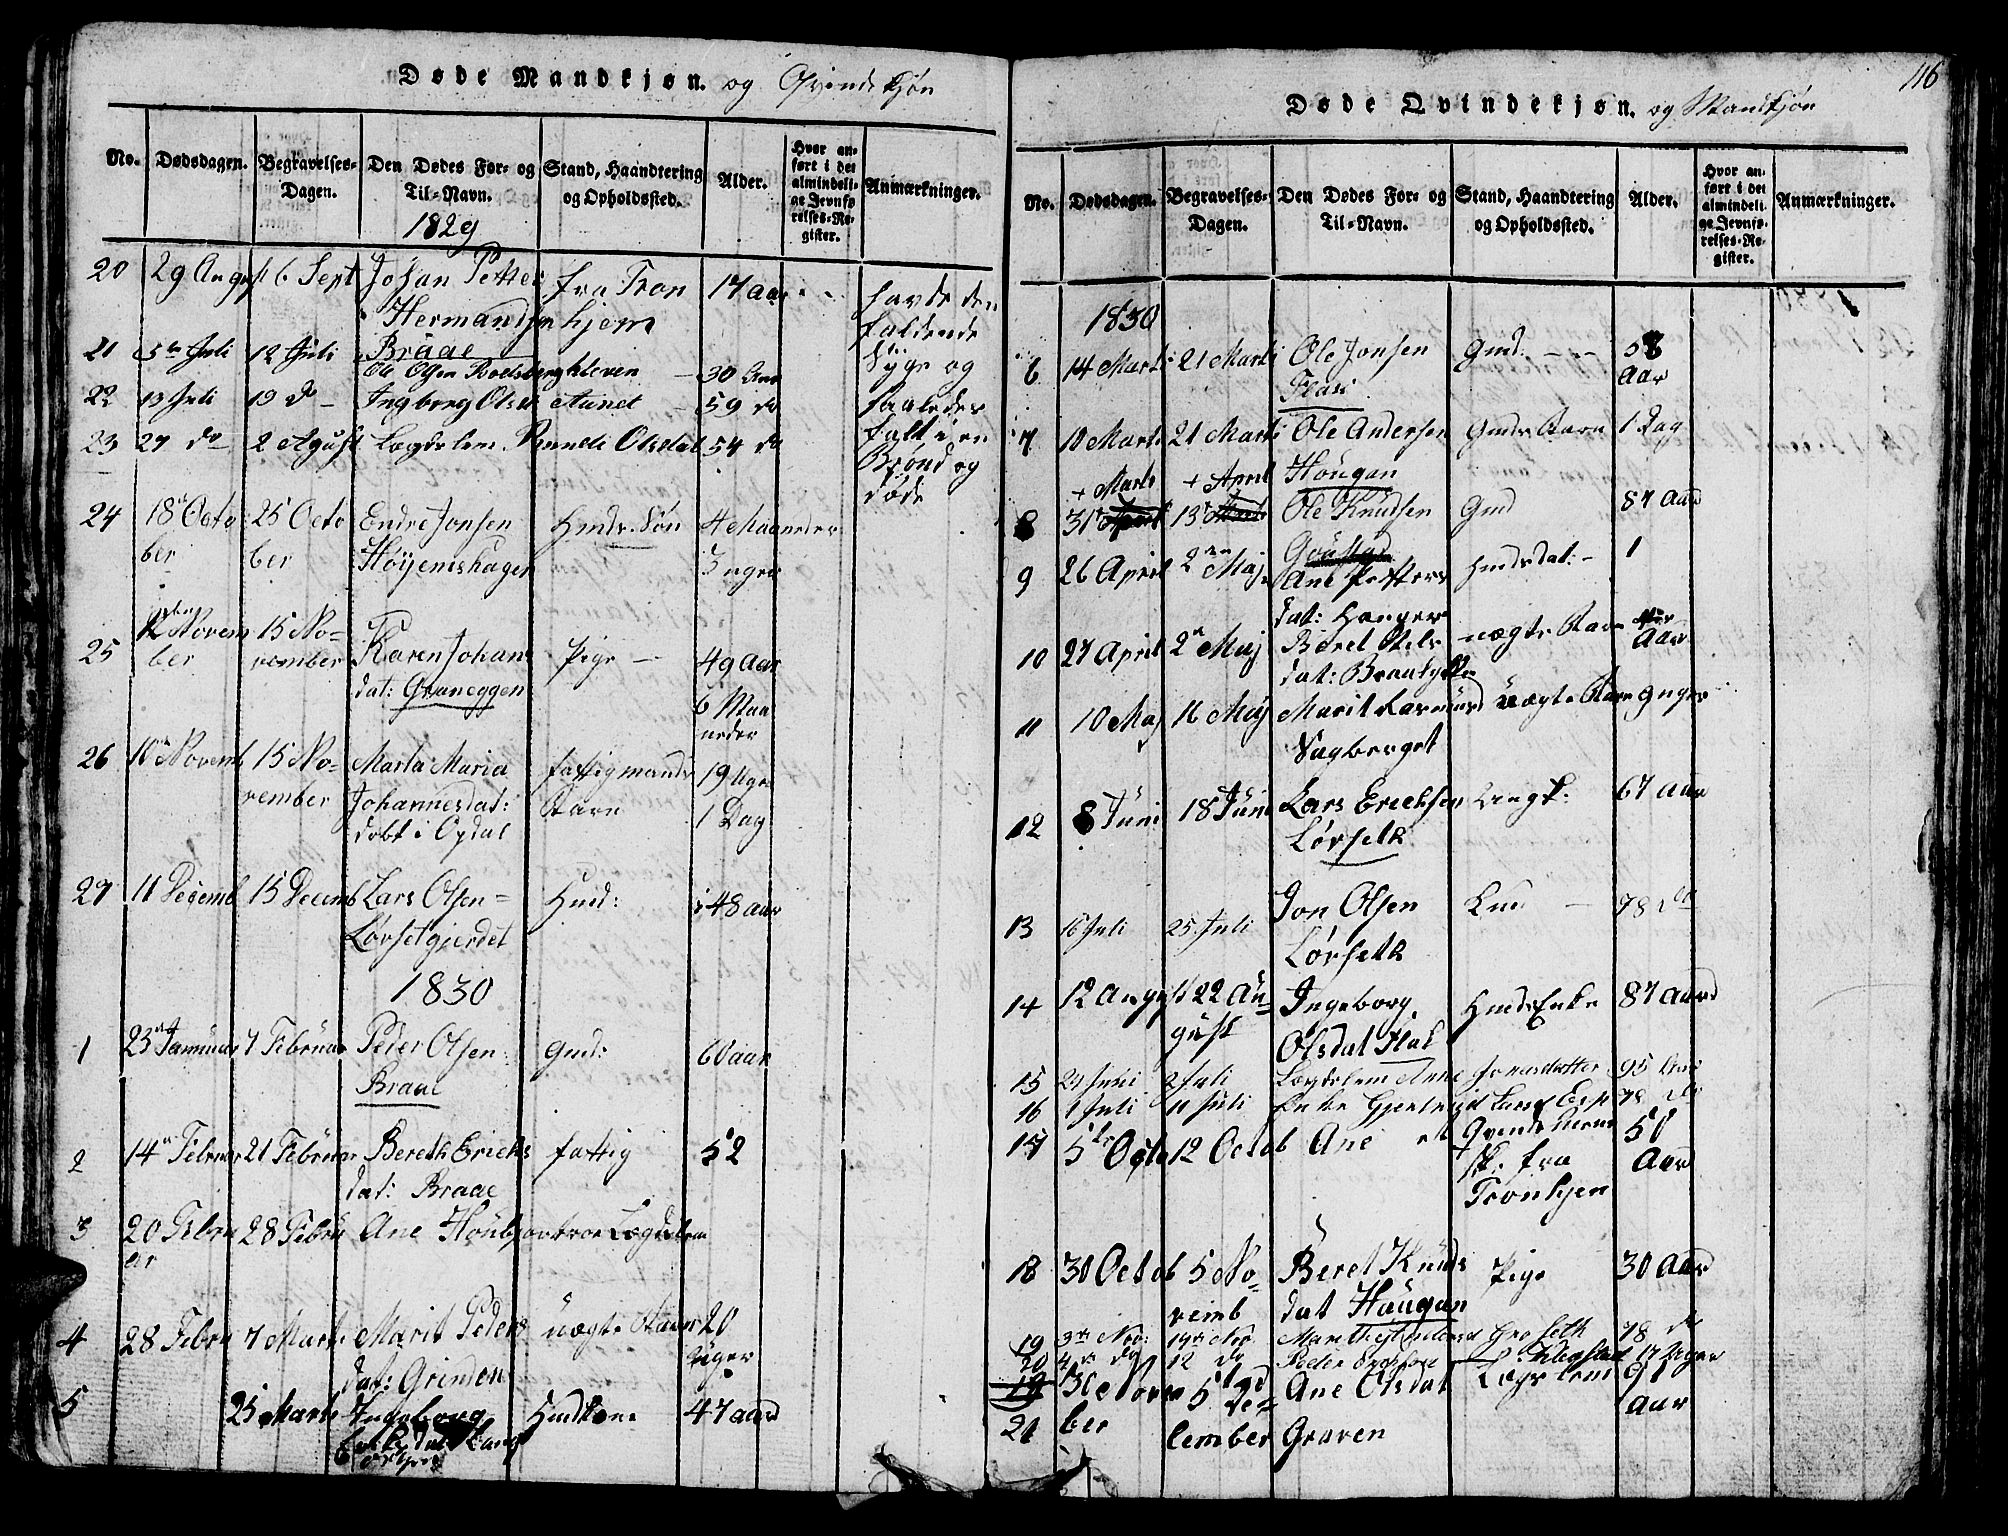 SAT, Ministerialprotokoller, klokkerbøker og fødselsregistre - Sør-Trøndelag, 612/L0385: Klokkerbok nr. 612C01, 1816-1845, s. 116